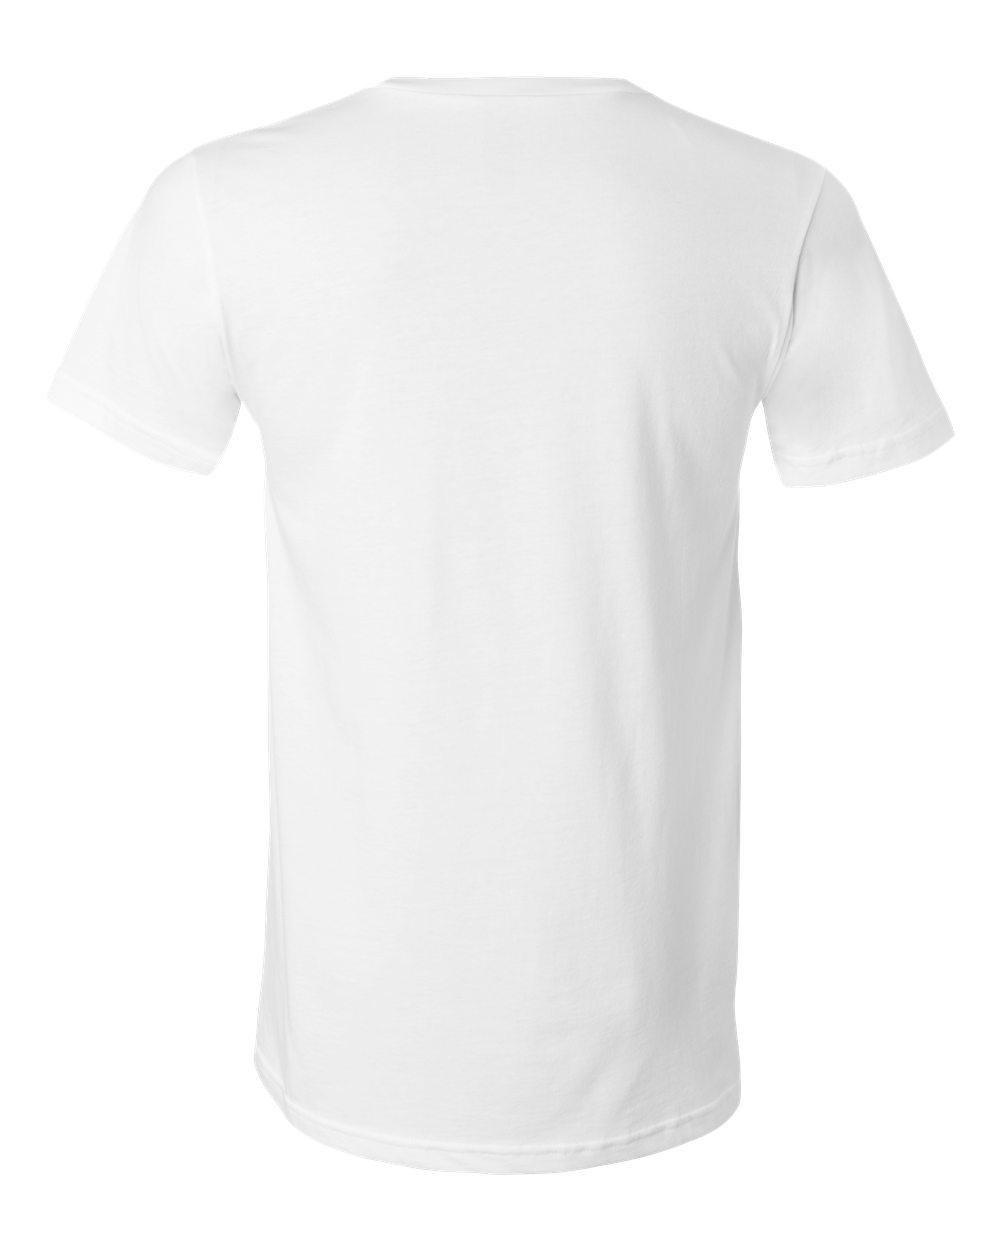 Bella-Canvas-Men-039-s-Jersey-Short-Sleeve-V-Neck-T-Shirt-3005-XS-3XL thumbnail 107